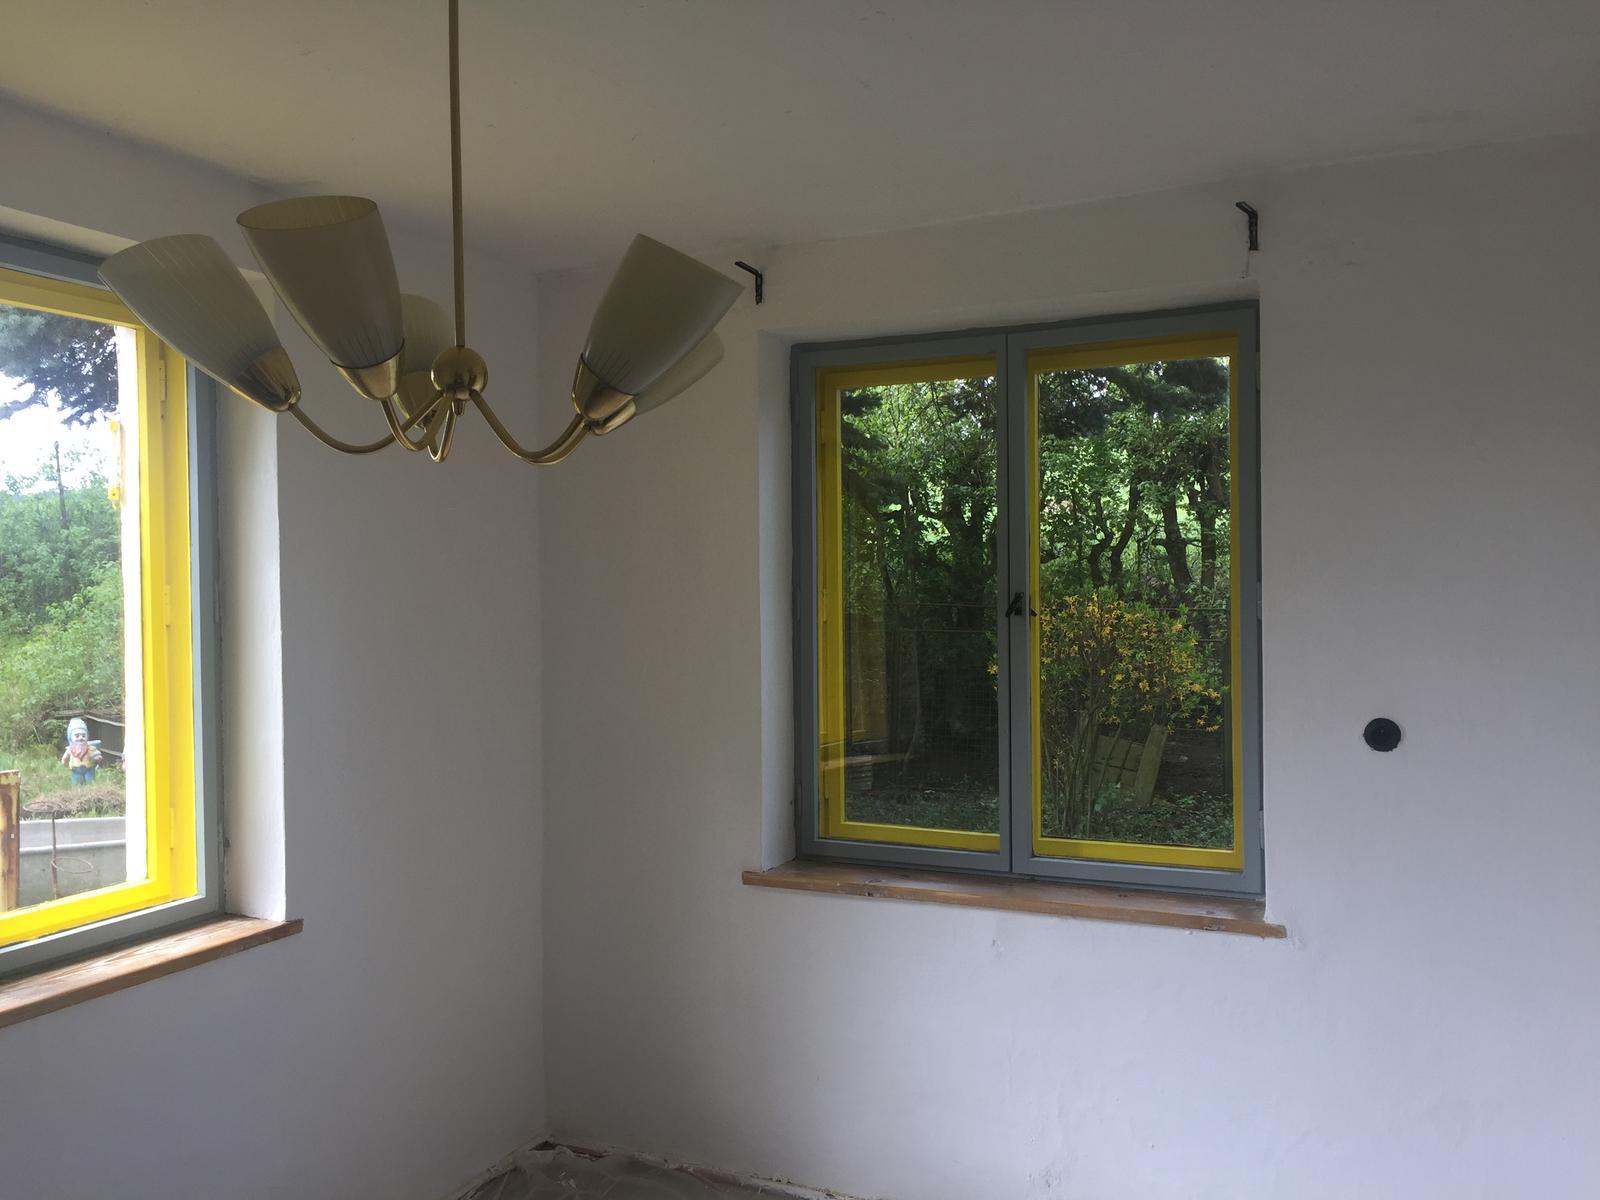 Perníková chalúpka - okná namaľované, umyté, parapet naolejovaný - už len podlaha a môžem jedáleň zariaďovať :)